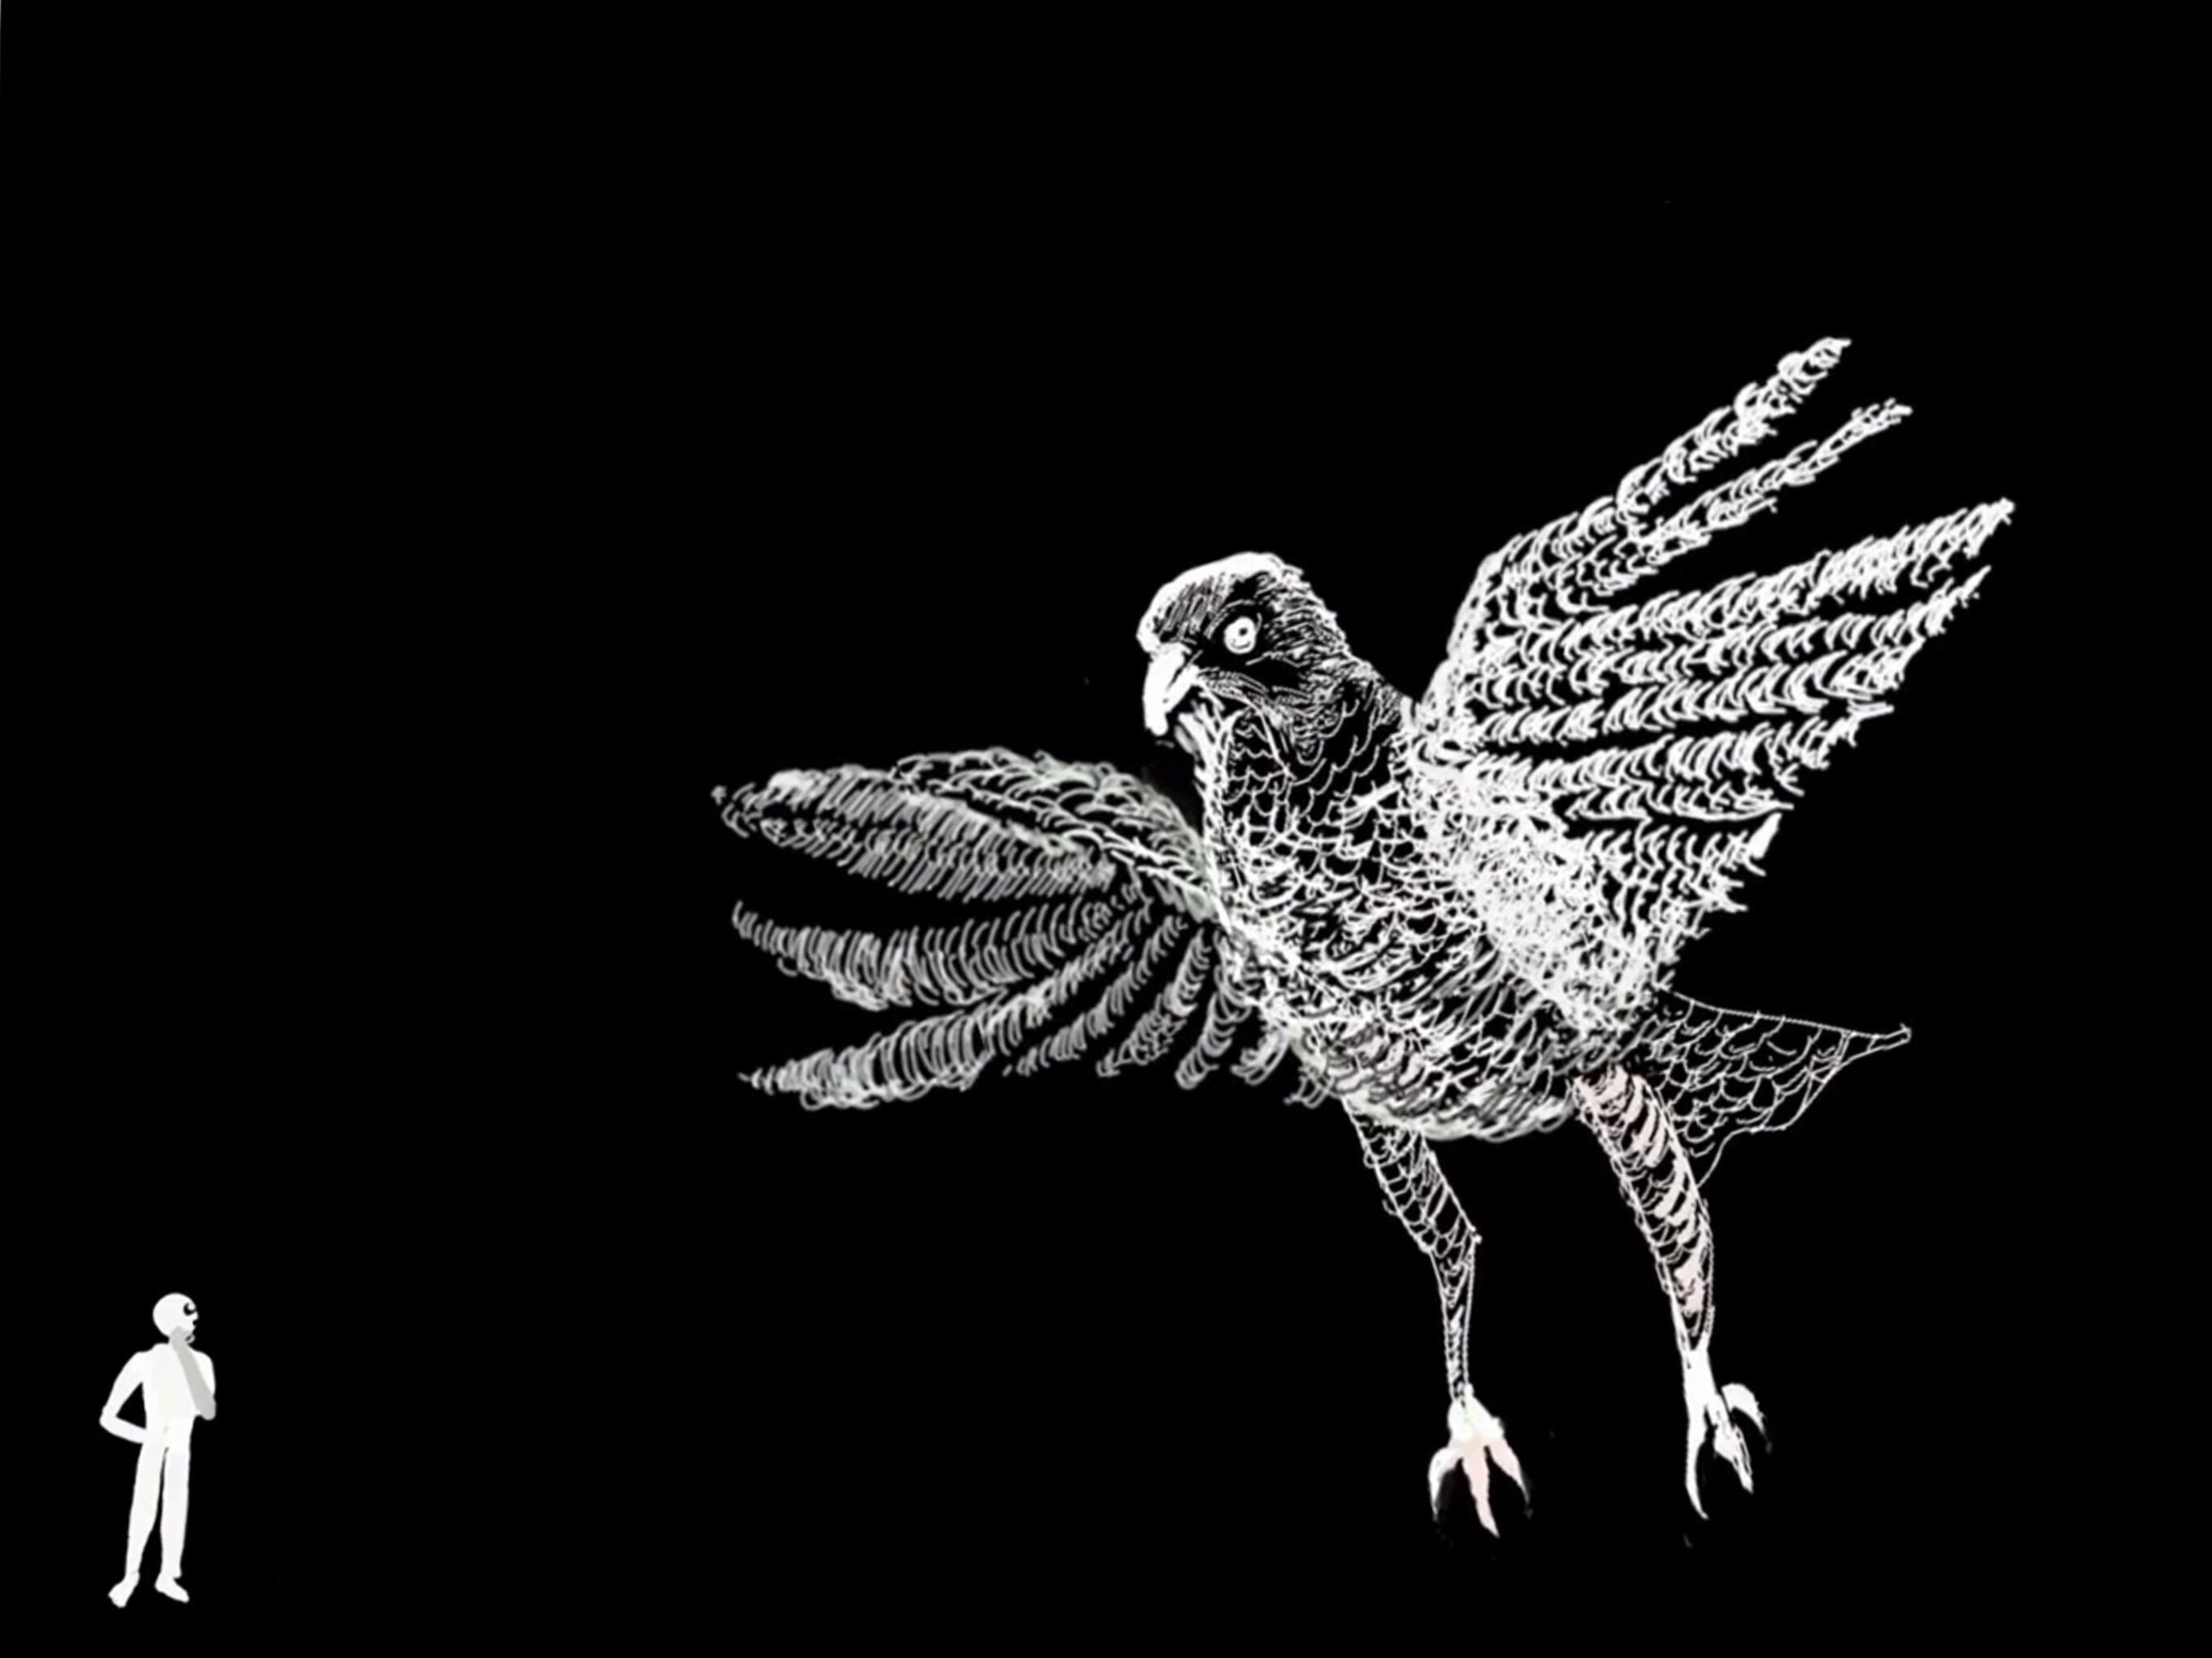 Little man big bird -